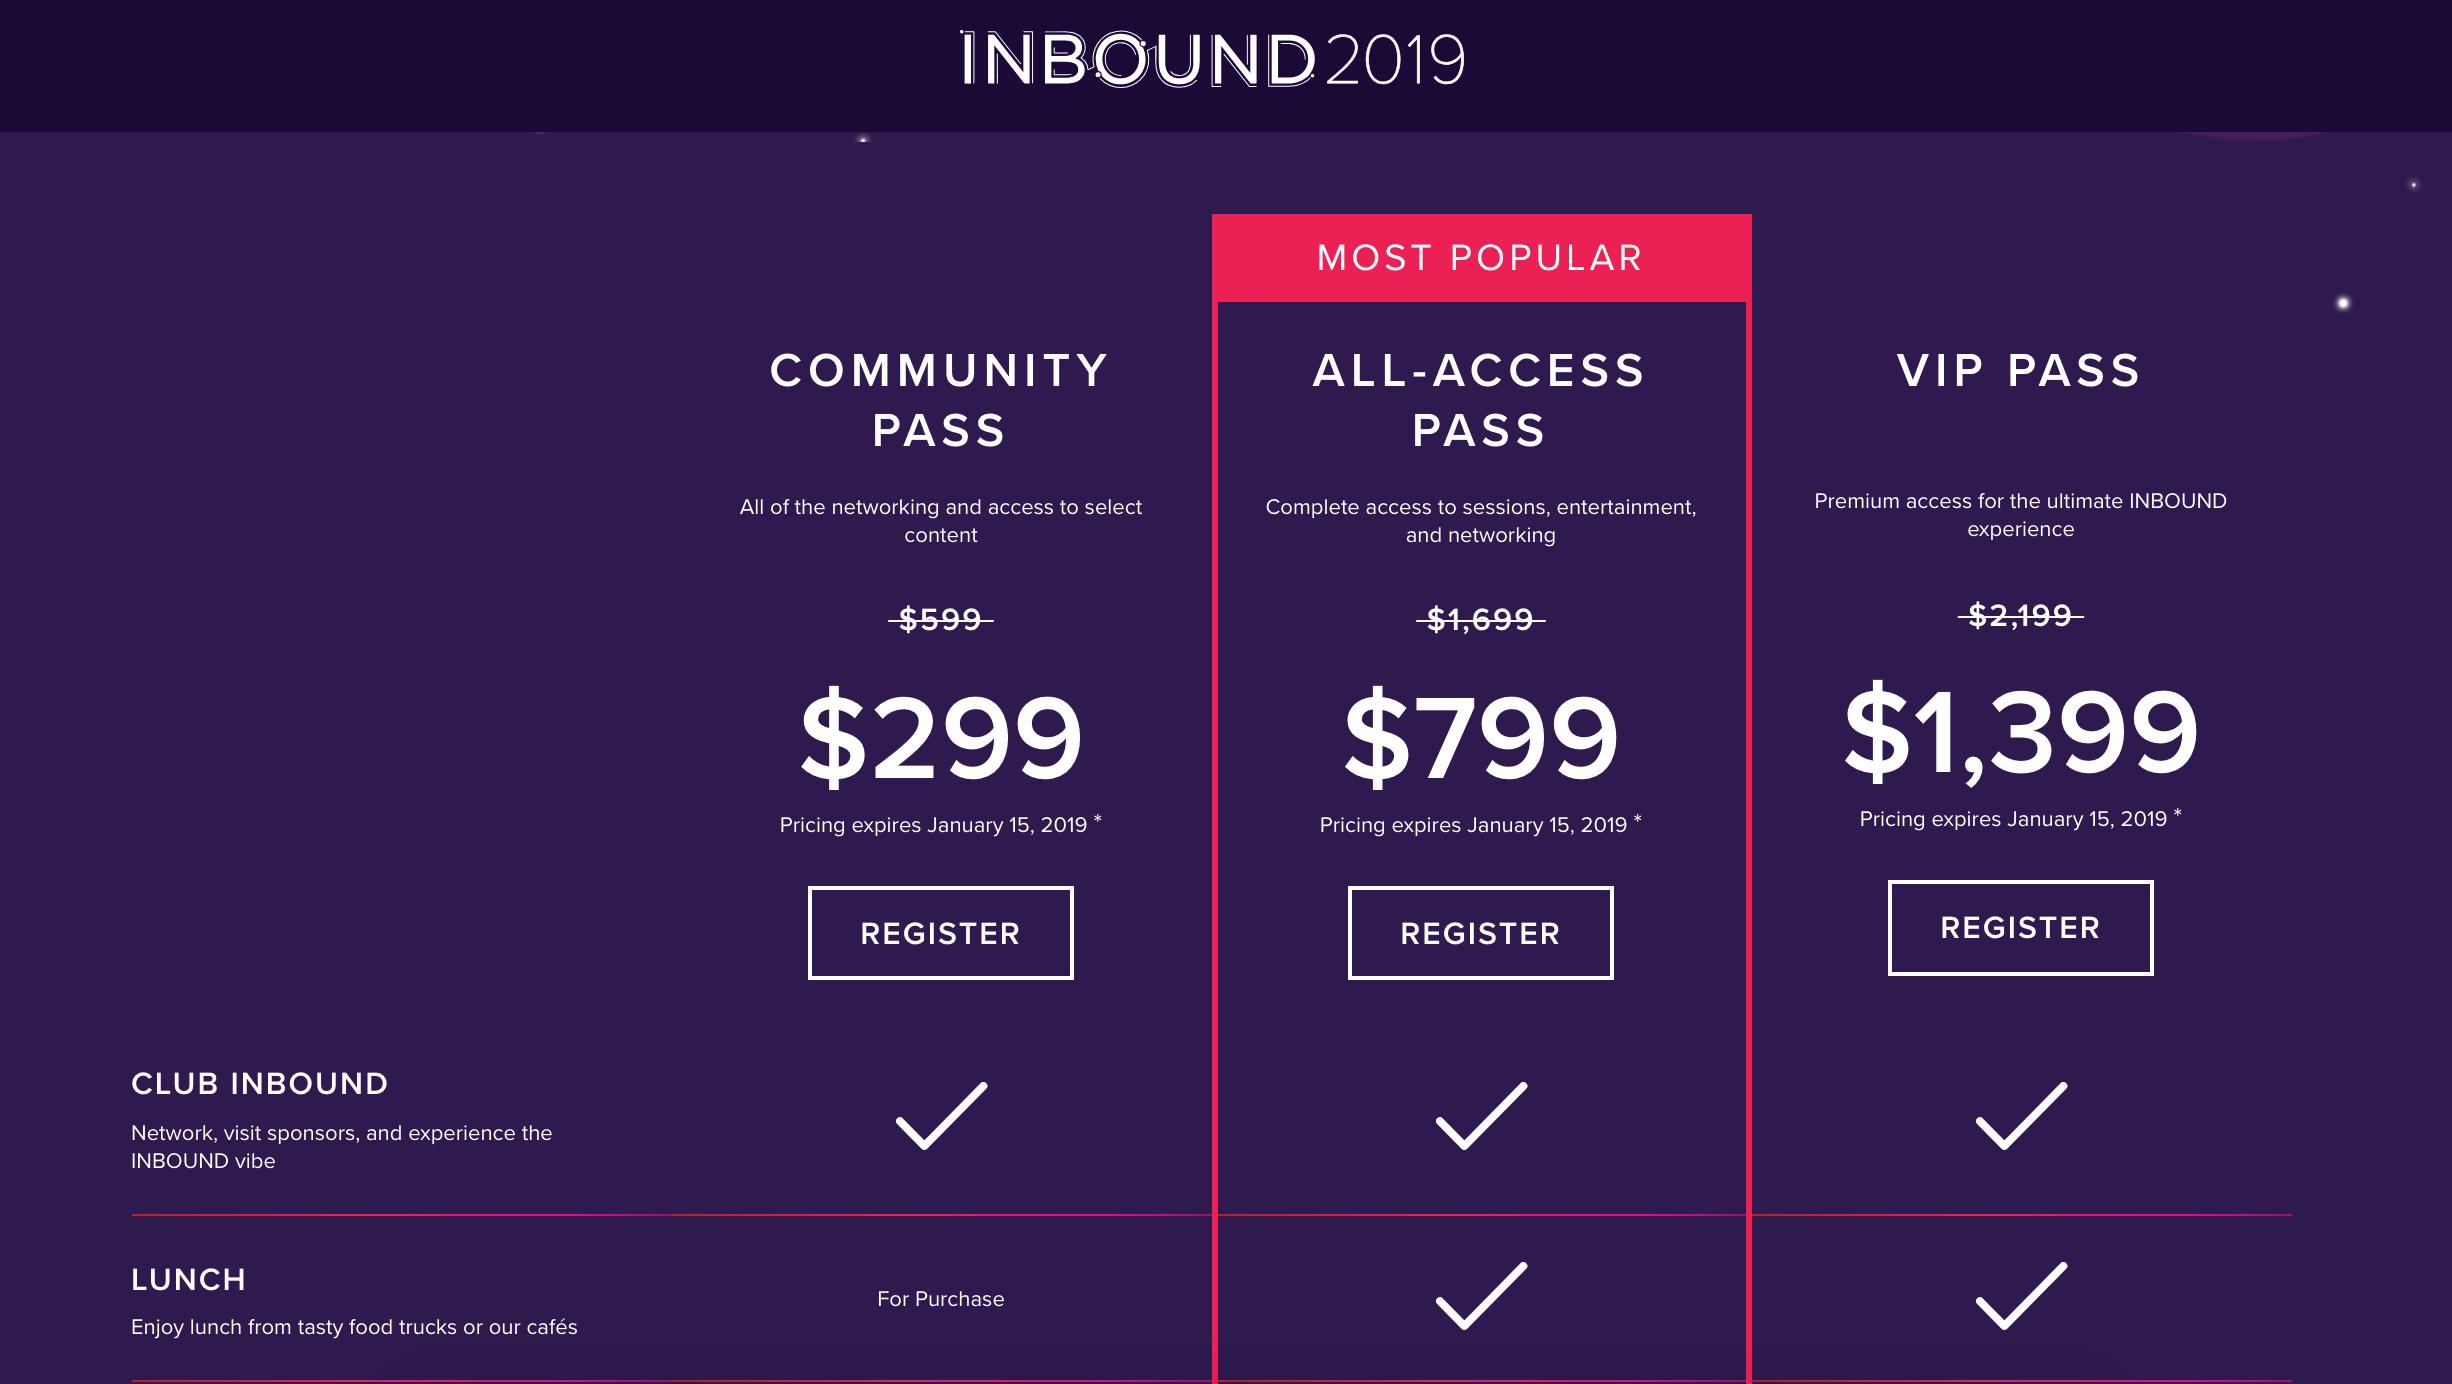 Event Ticket Types for INBOUND